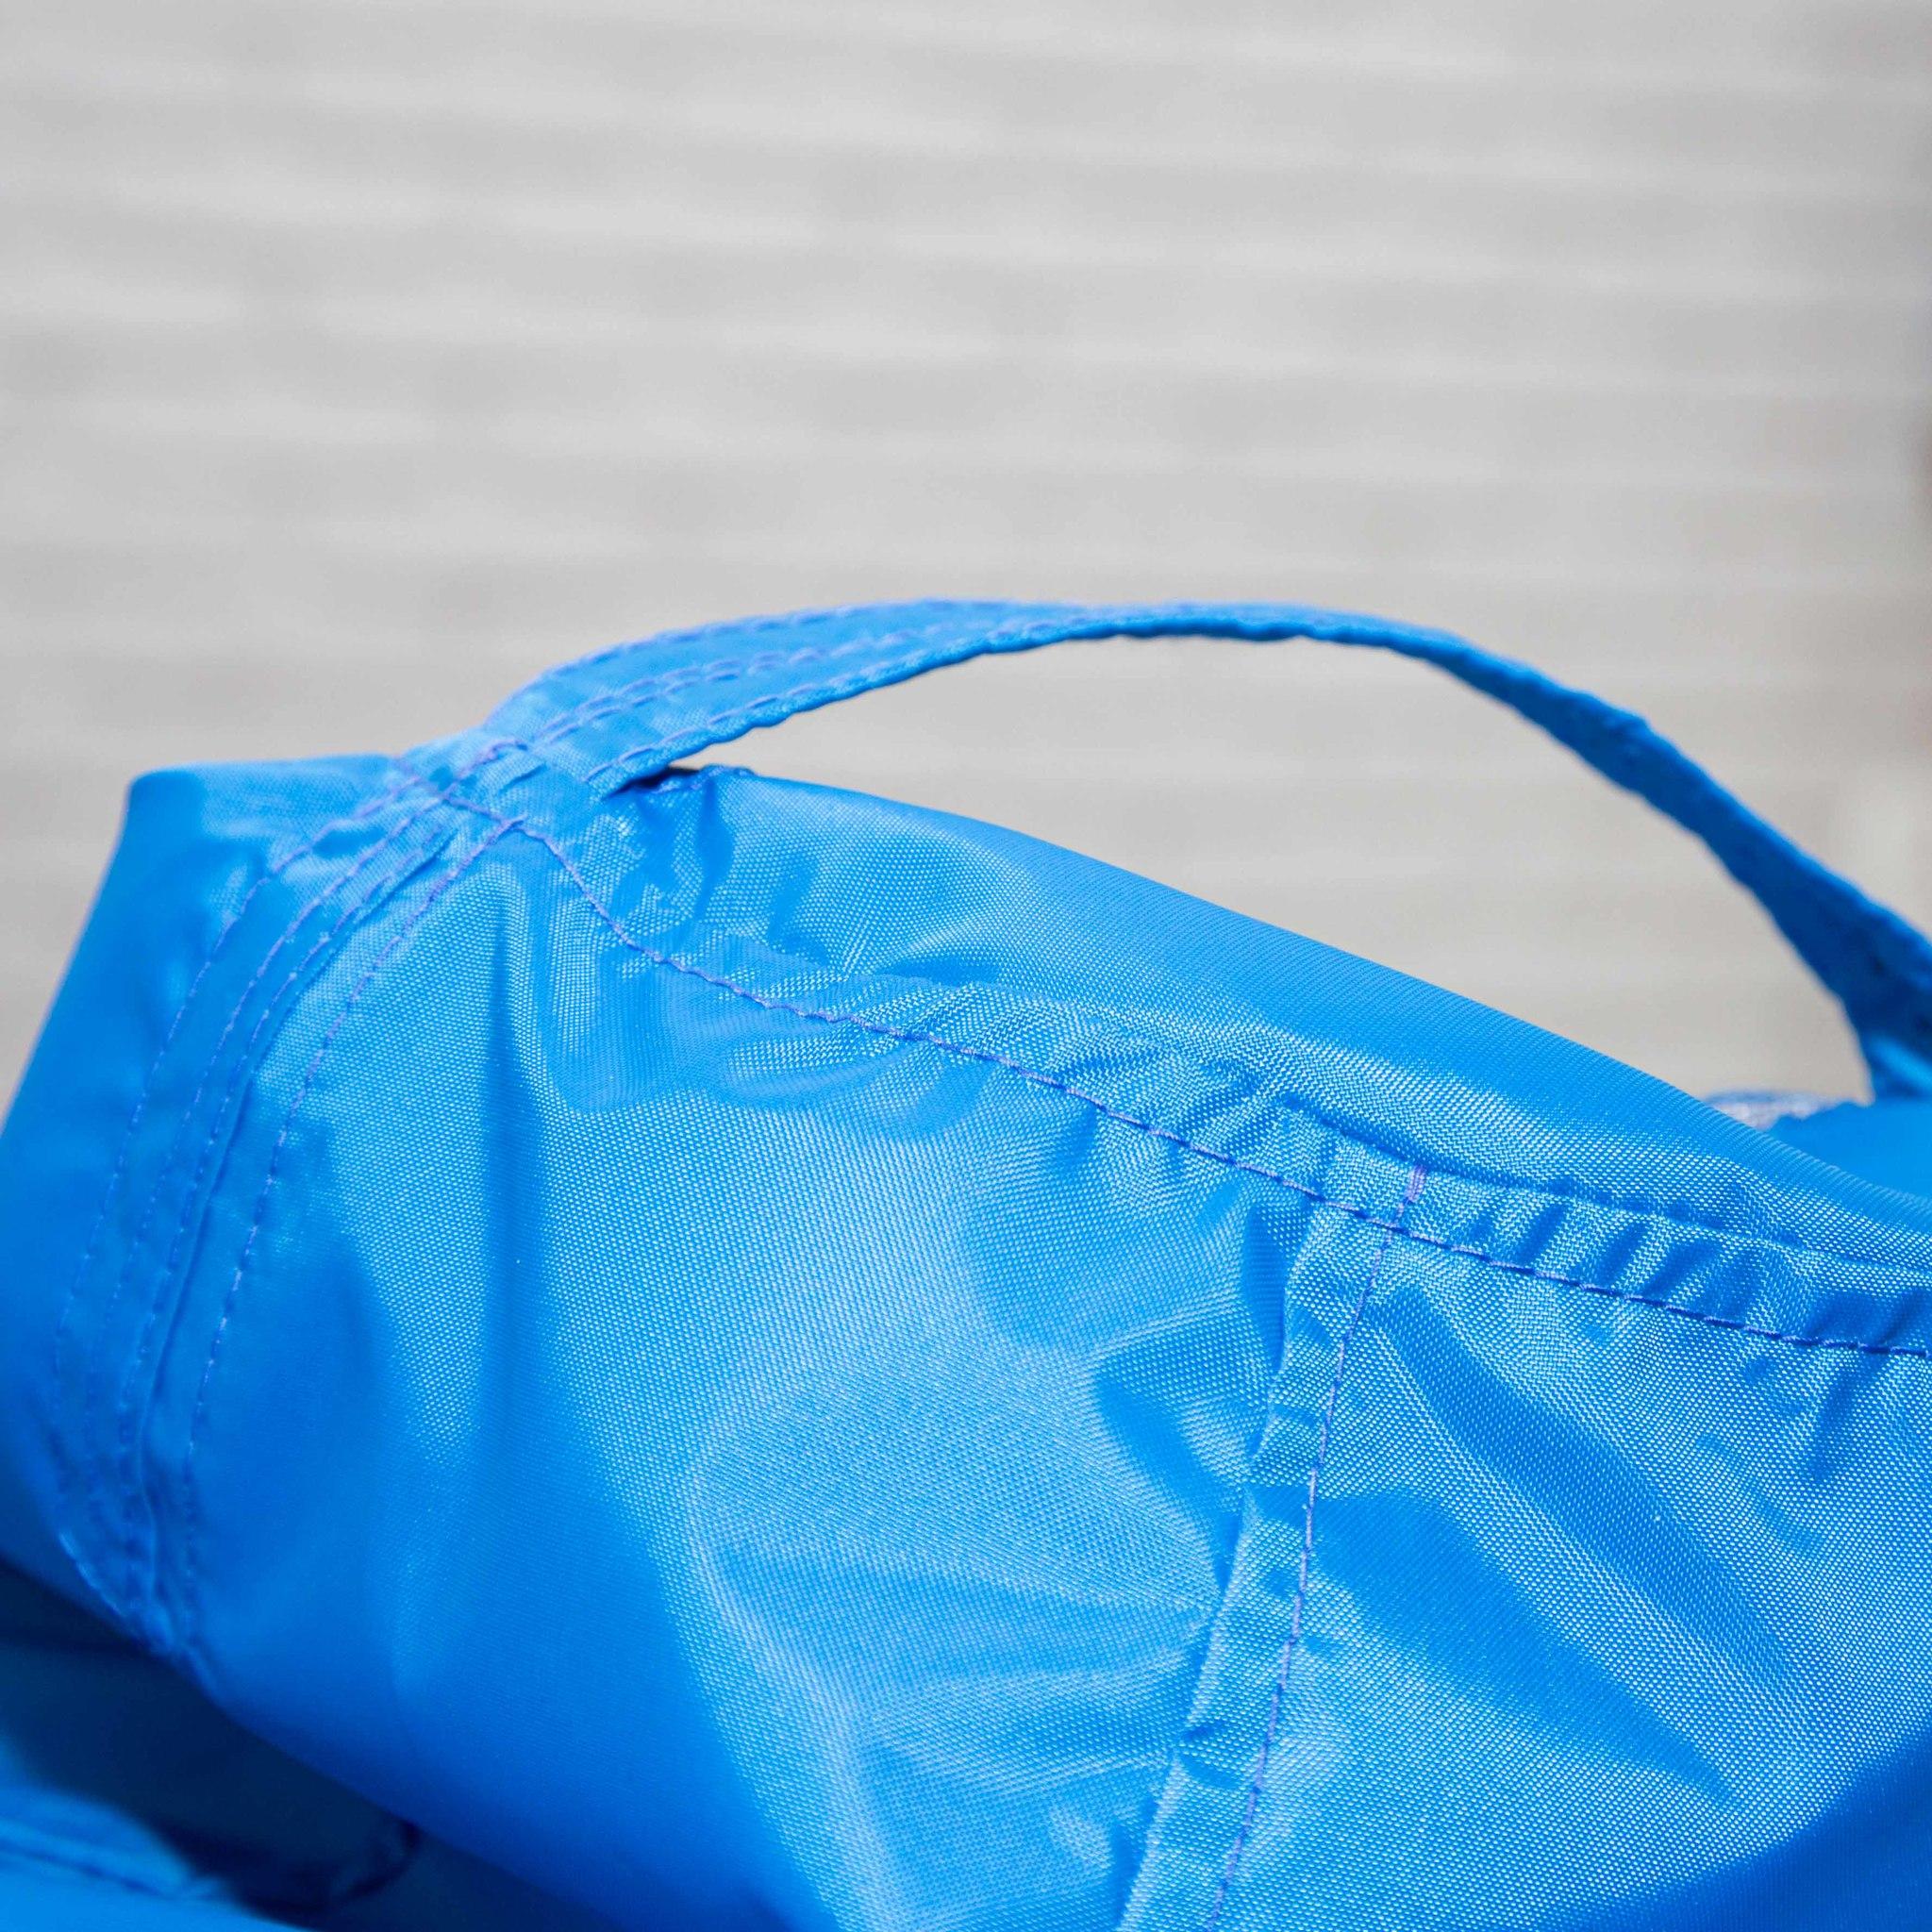 Груша M плащёвка, съёмный чехол (светло-синяя)